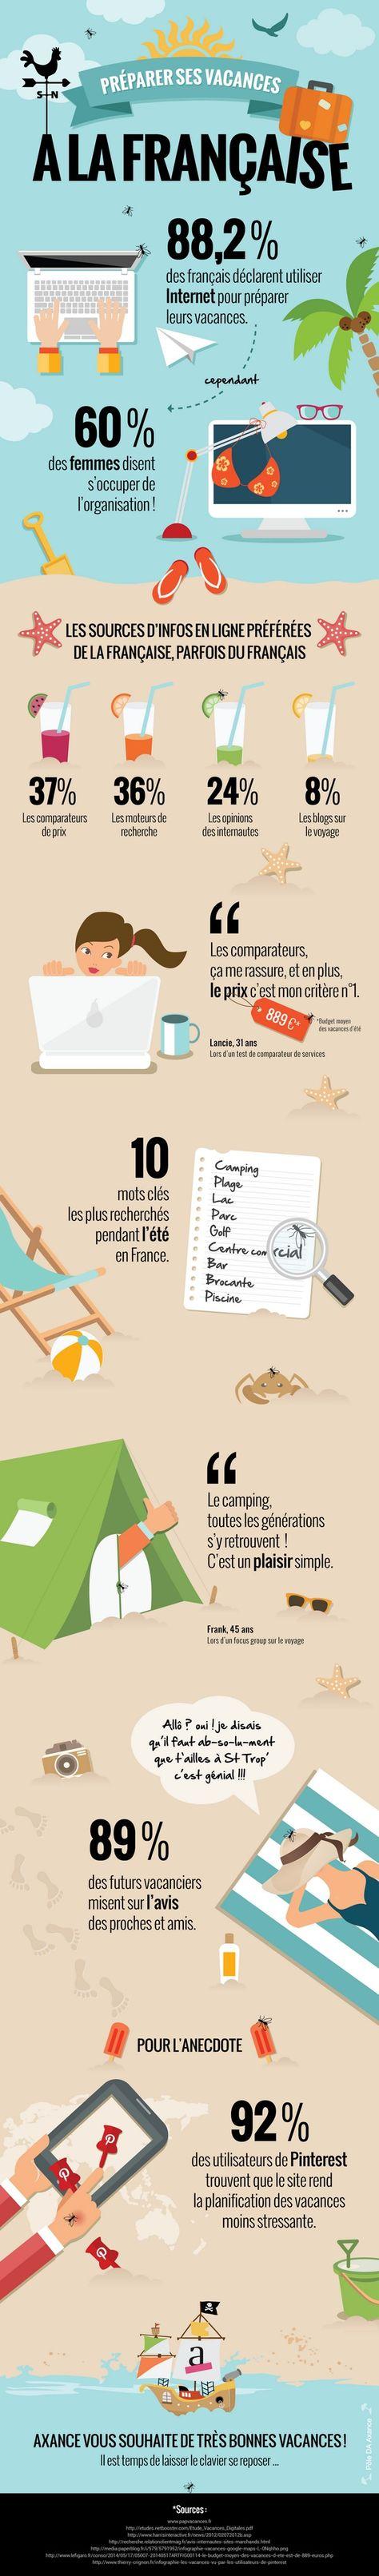 Pour préparer leurs vacances, 82% des Français déclarent utiliser internet. L'agence Axance, spécialisée dans l'évaluation et l'optimisation des services en ligne, a récemment publié une infographie expliquant les pratiques françaises en matière de préparatifs de vacances.